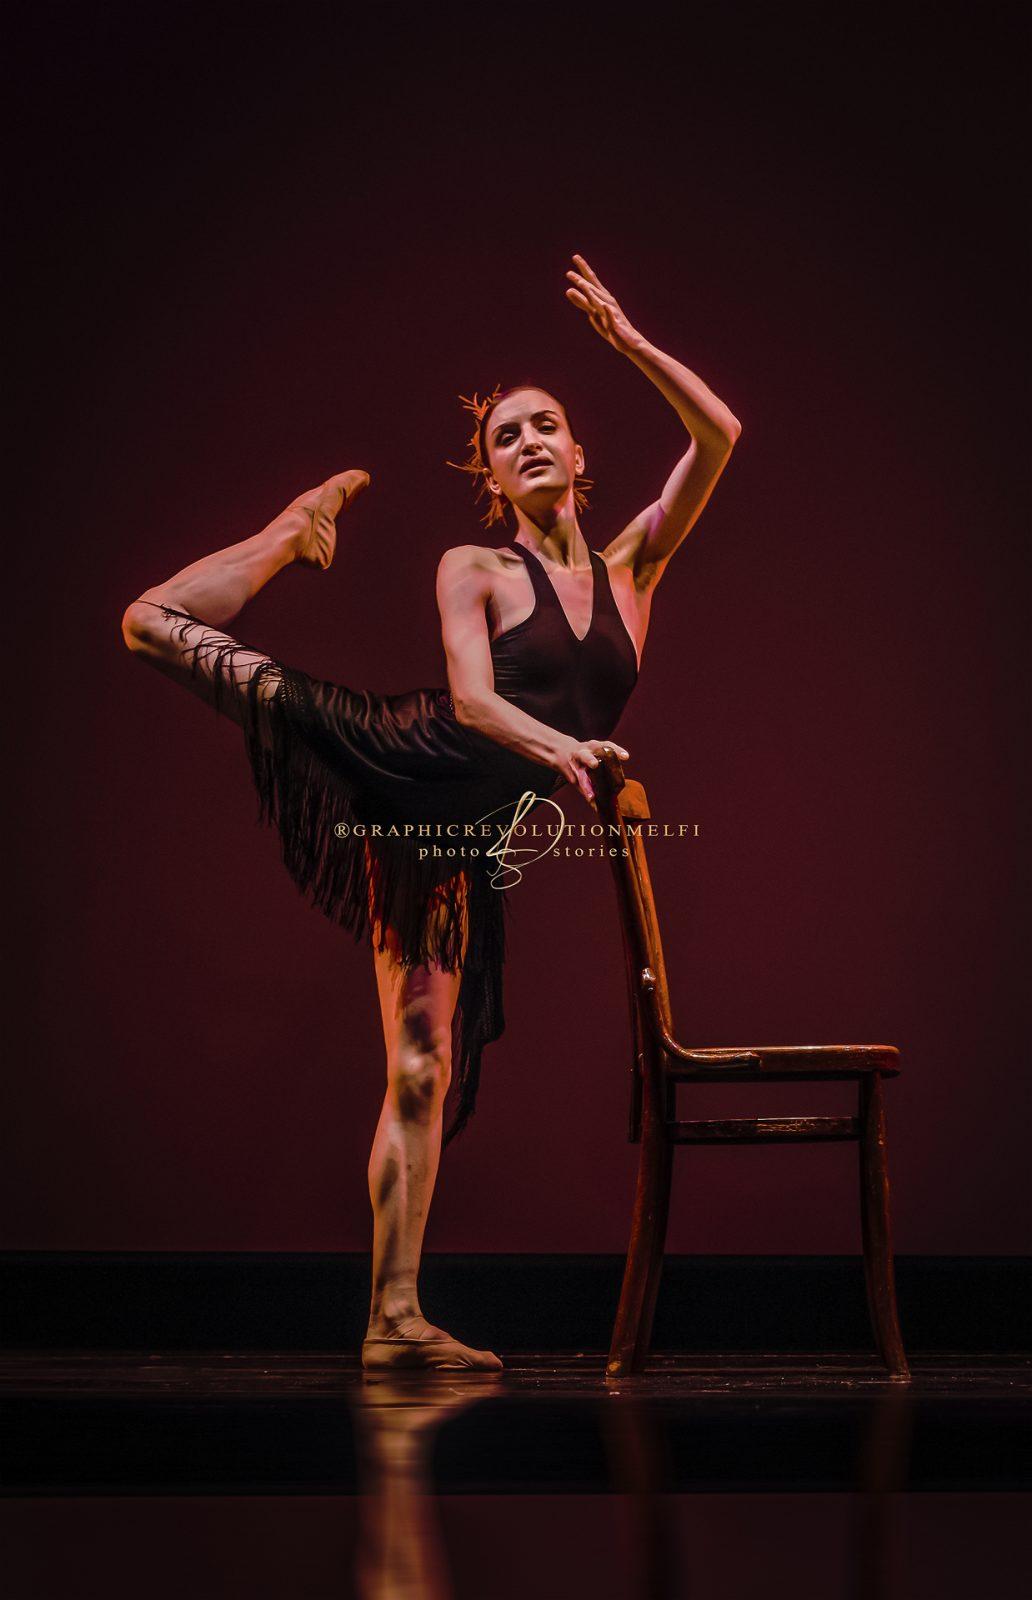 Joy Womack dal Bolshoi al Ruggiero di Melfi ballerina danza classica scuola di ballo fotografie teatro servizio fotografico basilicata fotografo eventi